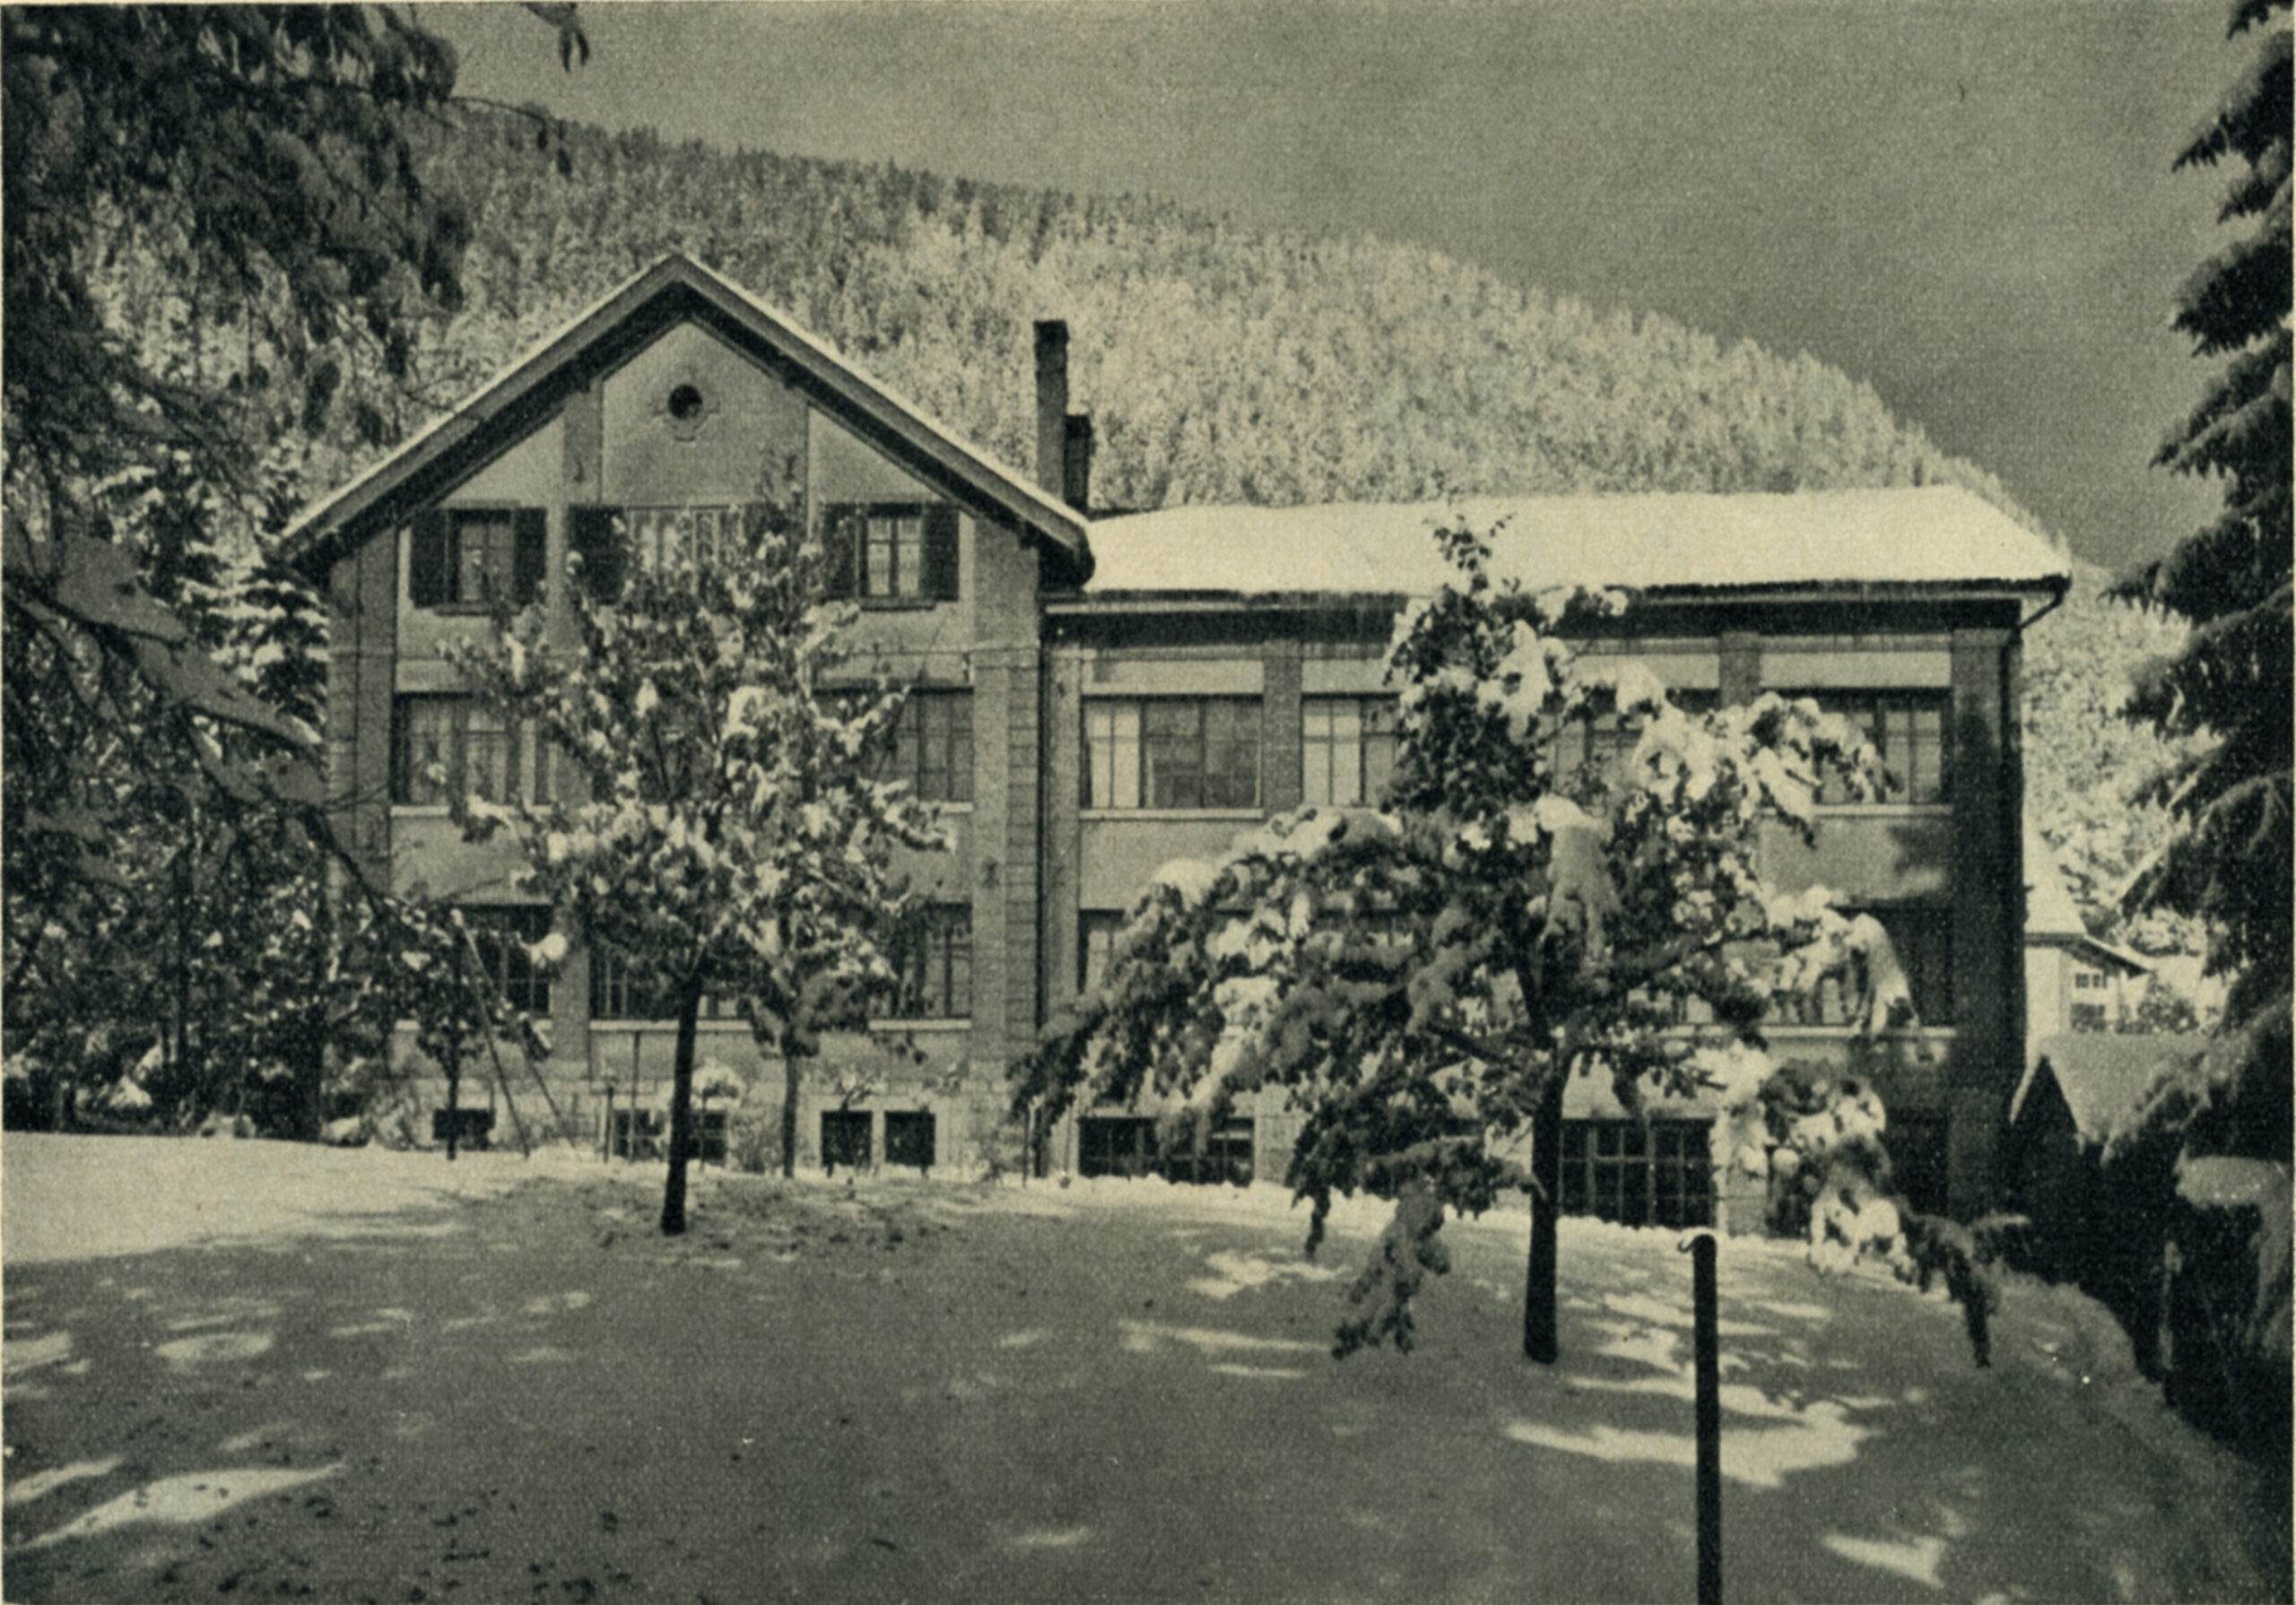 Heuer in St. Imier / Switzerland 1964 - 1999 (Leonidas Watch Factory)